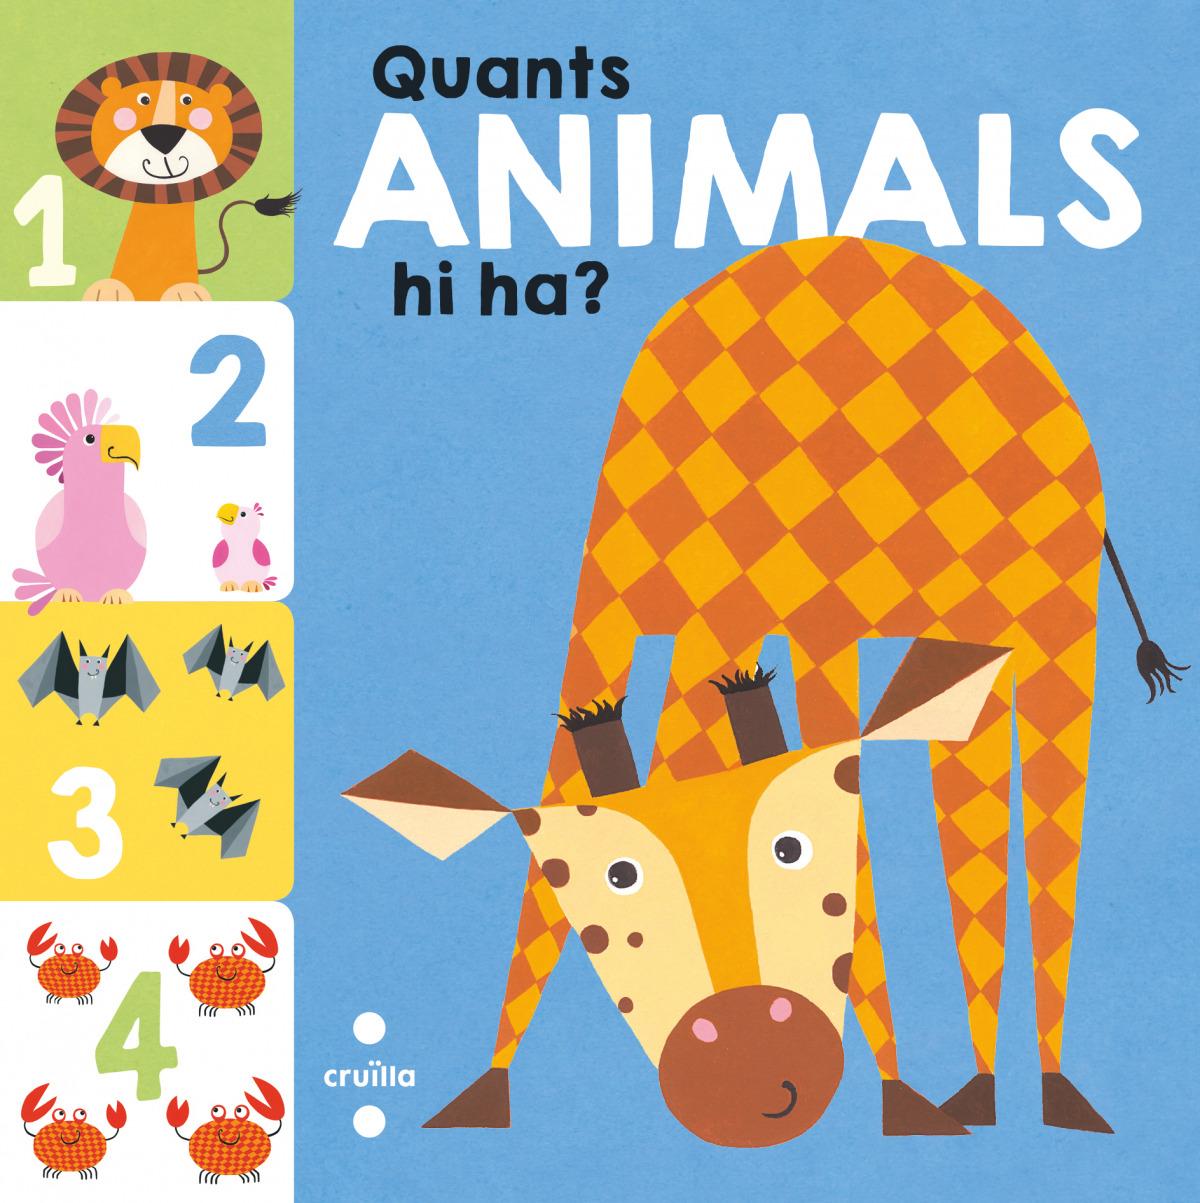 Quants animals hi ha?